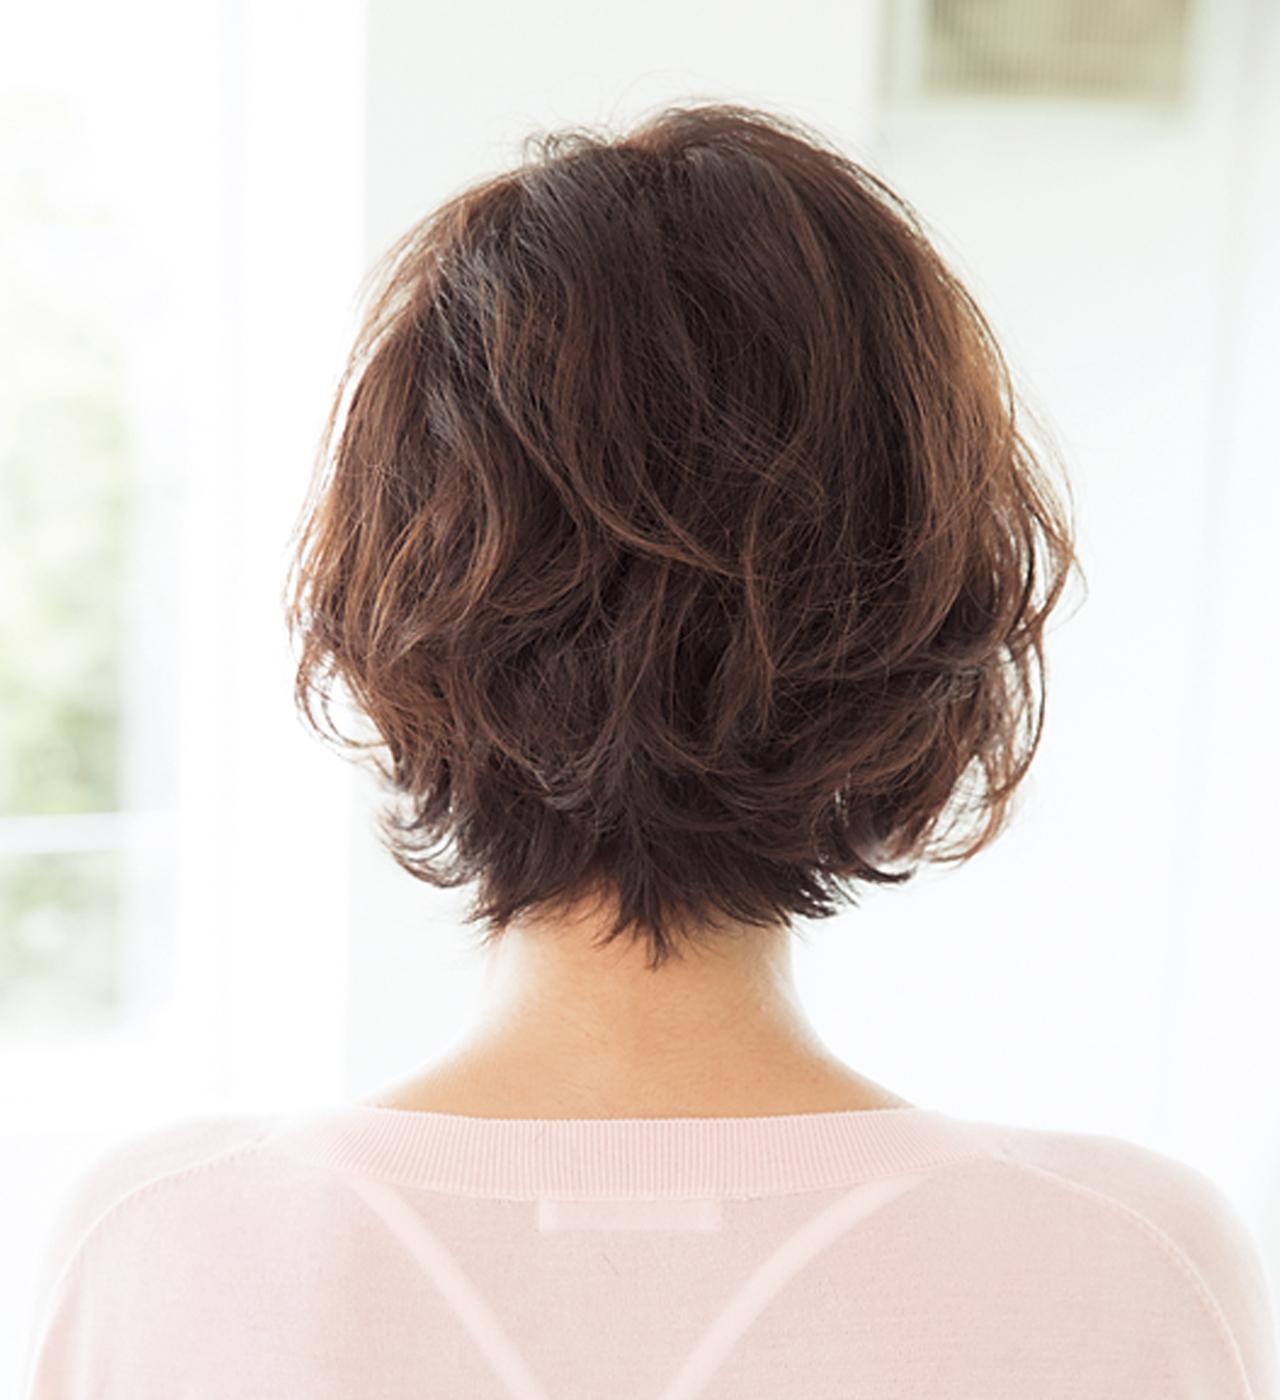 髪のうねりを利用した大きめカールヘアでフェミニンショートに【40代のショートヘア】_1_3